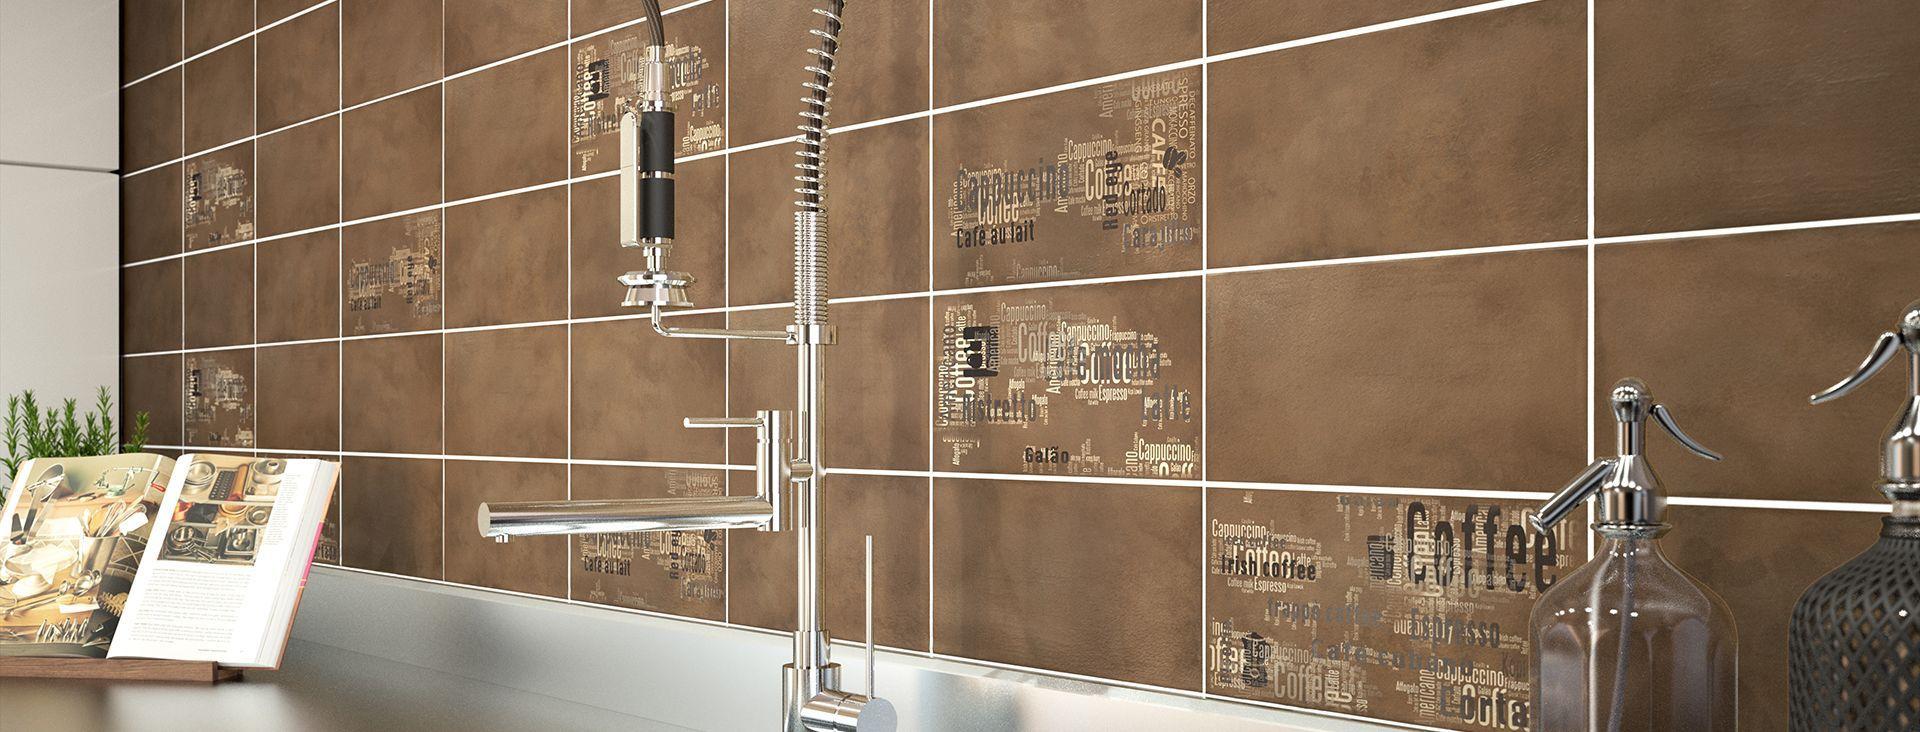 Küchenfliesen / für Wände / Keramik / Motiv - ARETHA - GRANISER CERAMICS